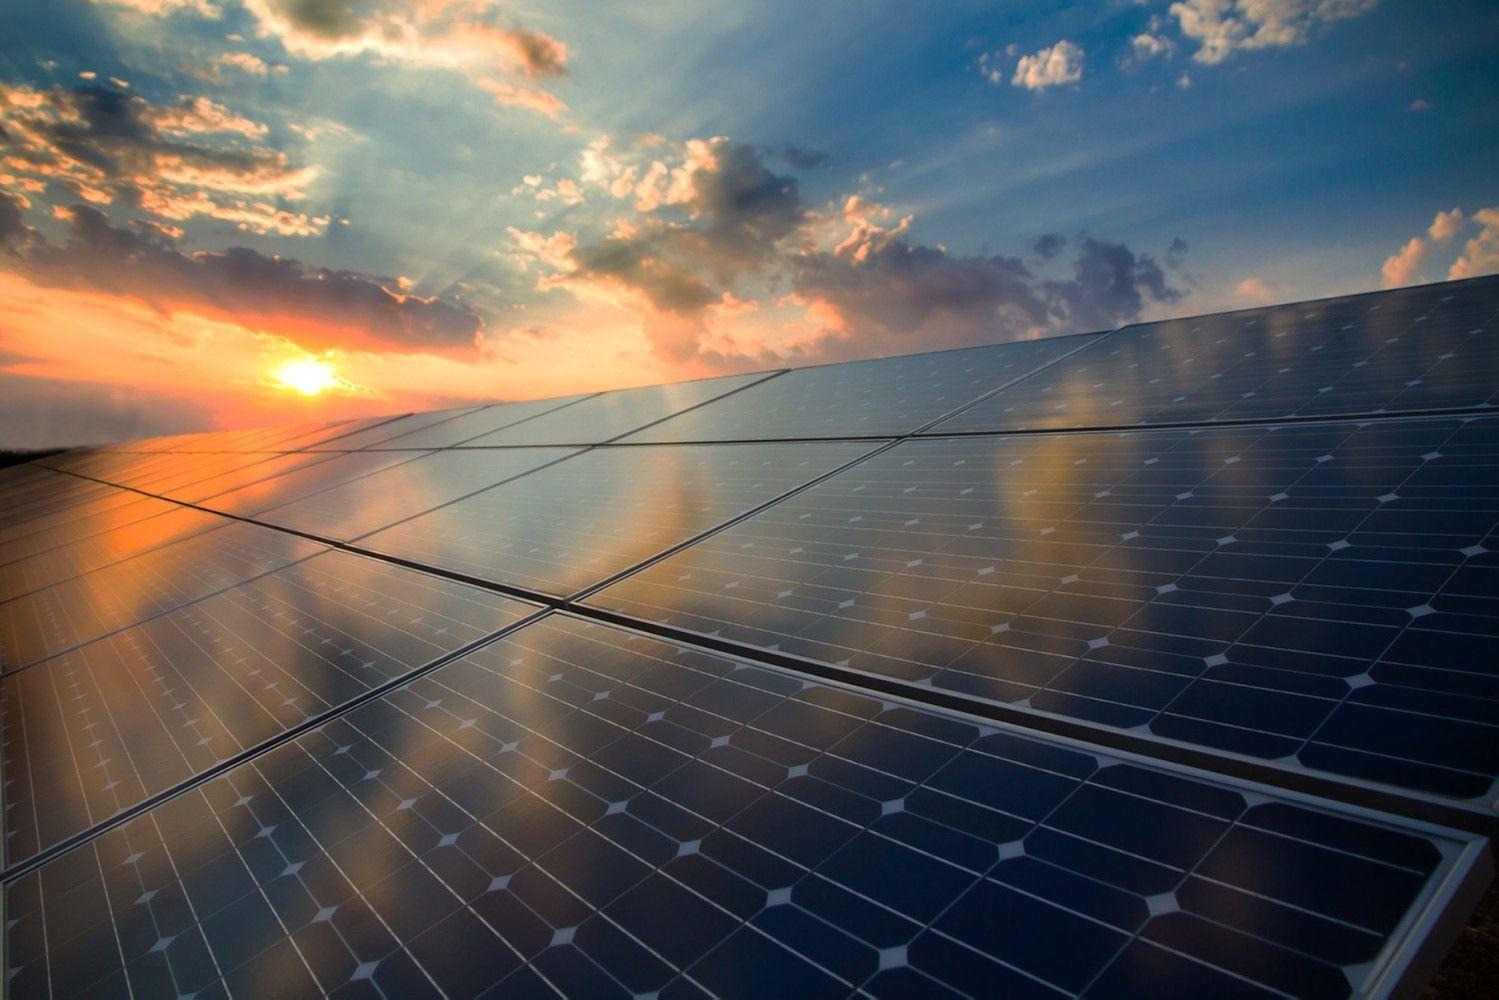 Didelės Lietuvos įmonės kol kas neišnaudoja saulės energijos potencialo